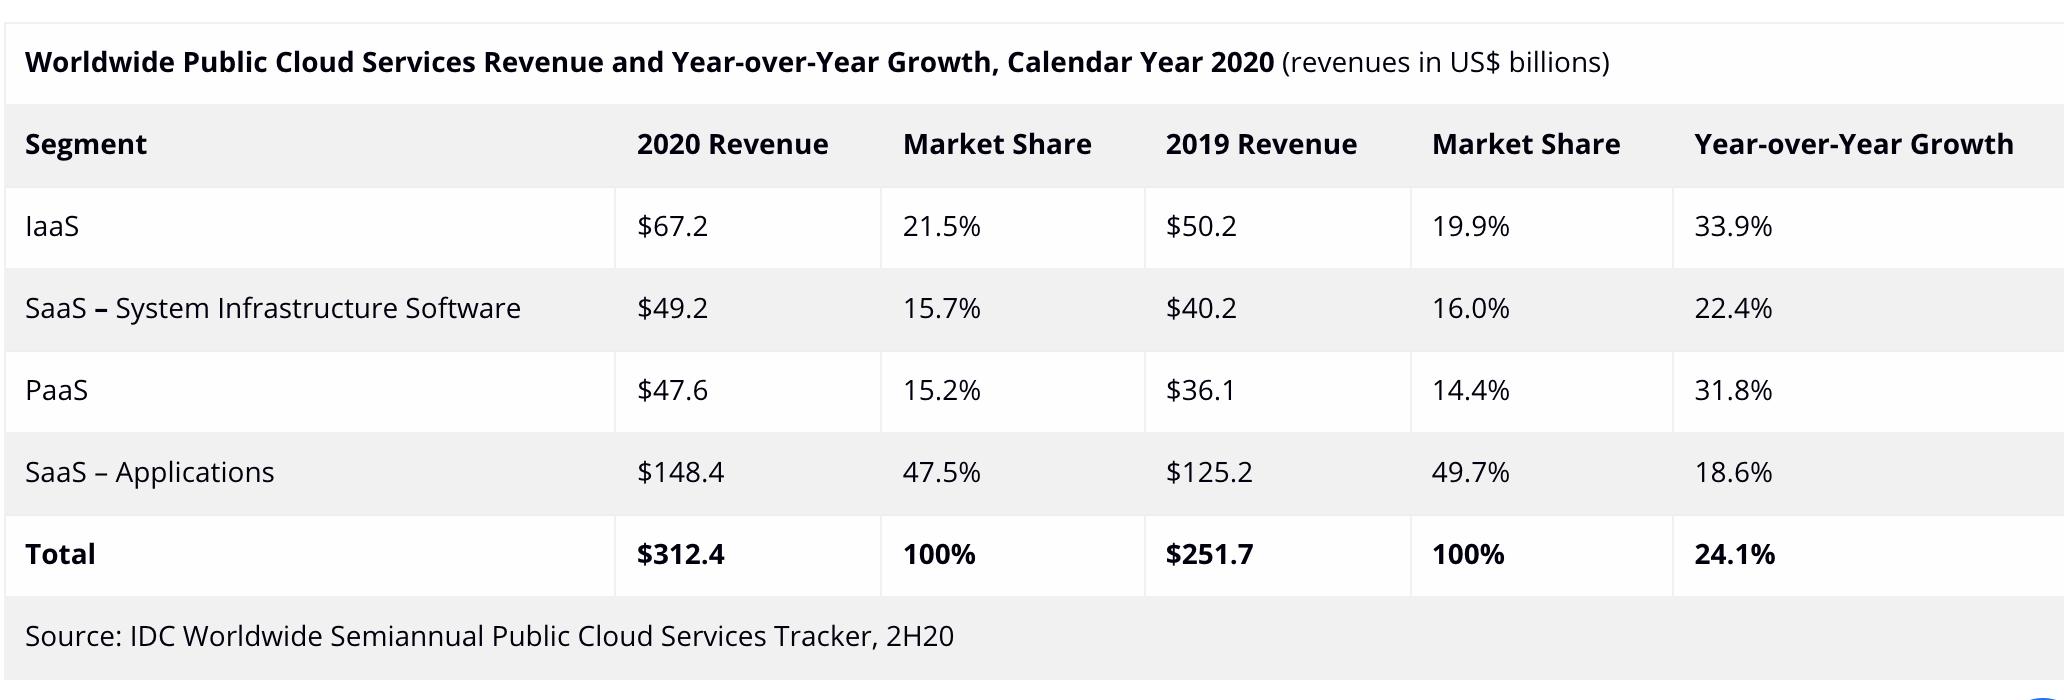 Public Cloud Services Revenue